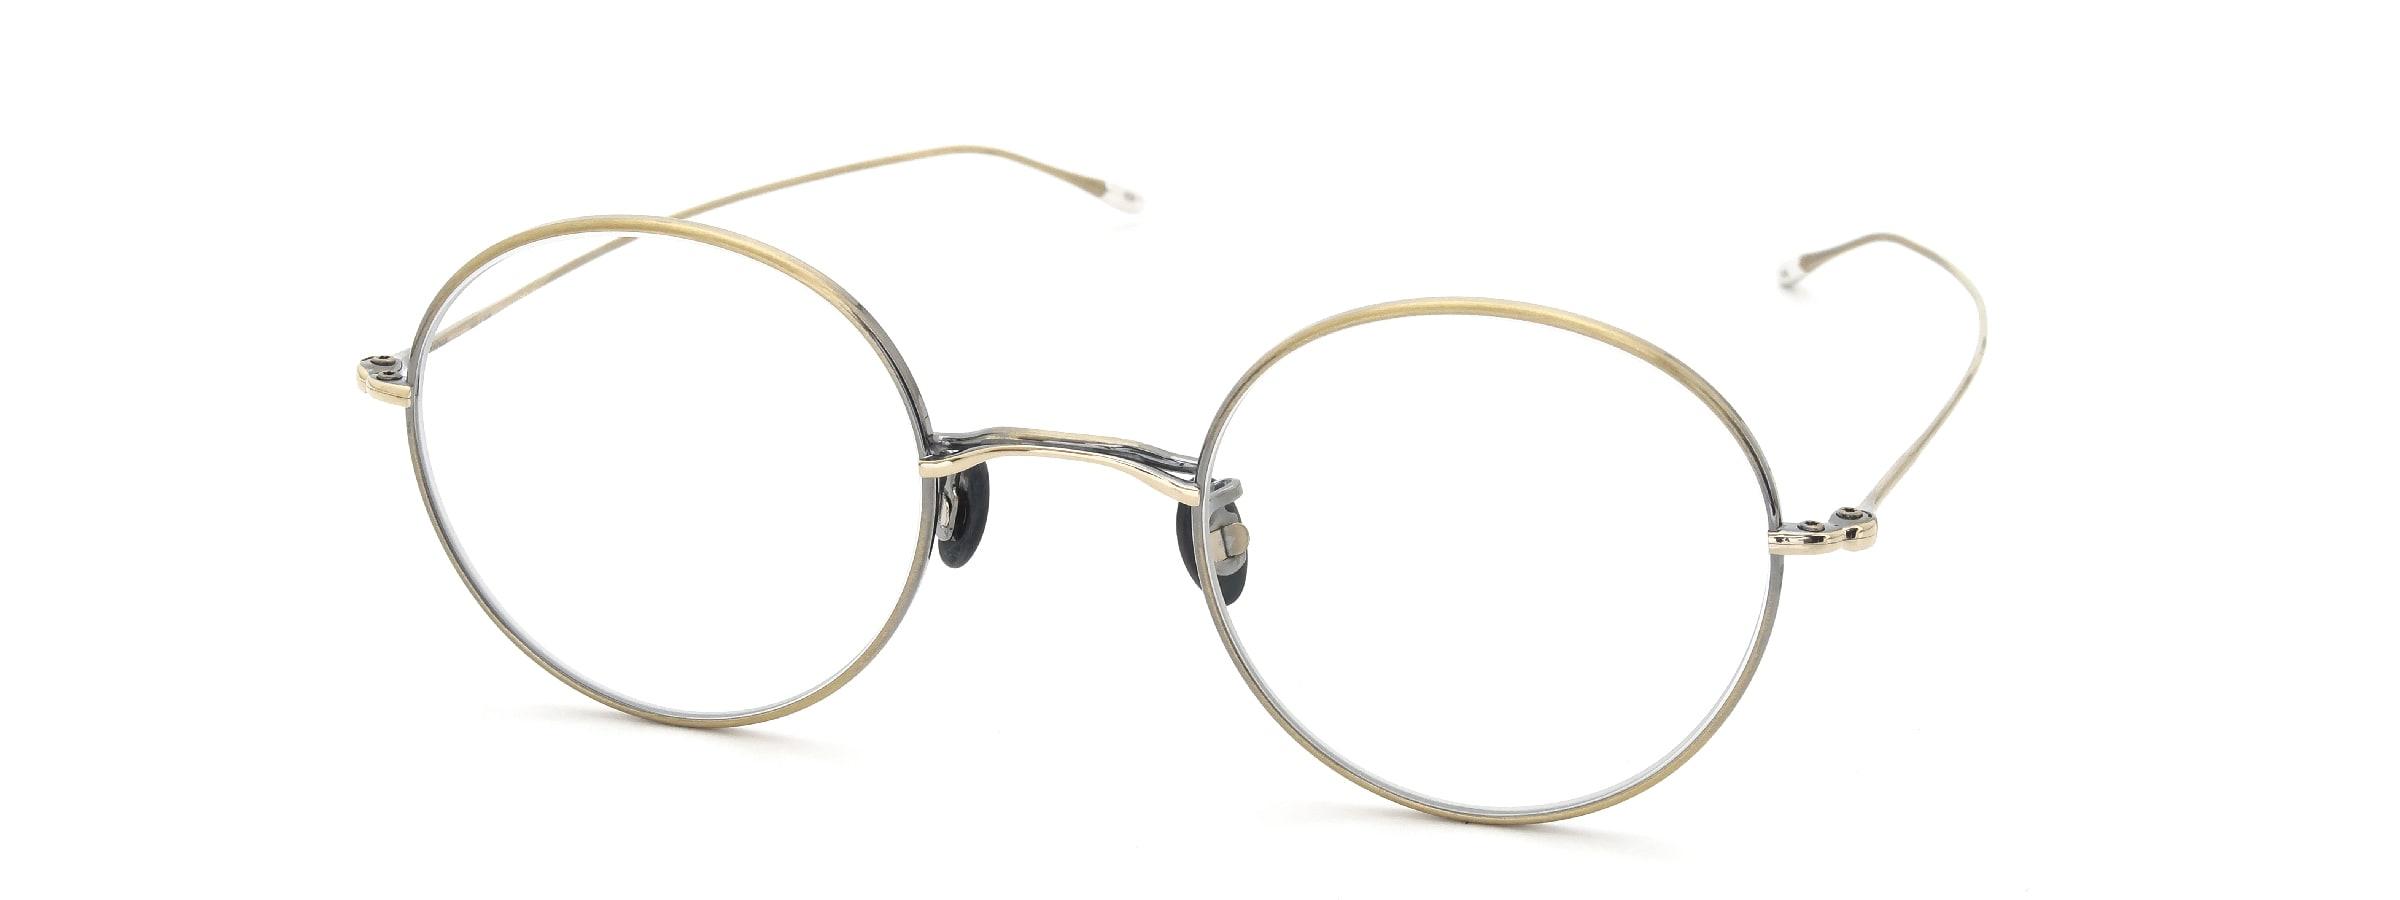 10 eyevan NO.5 46